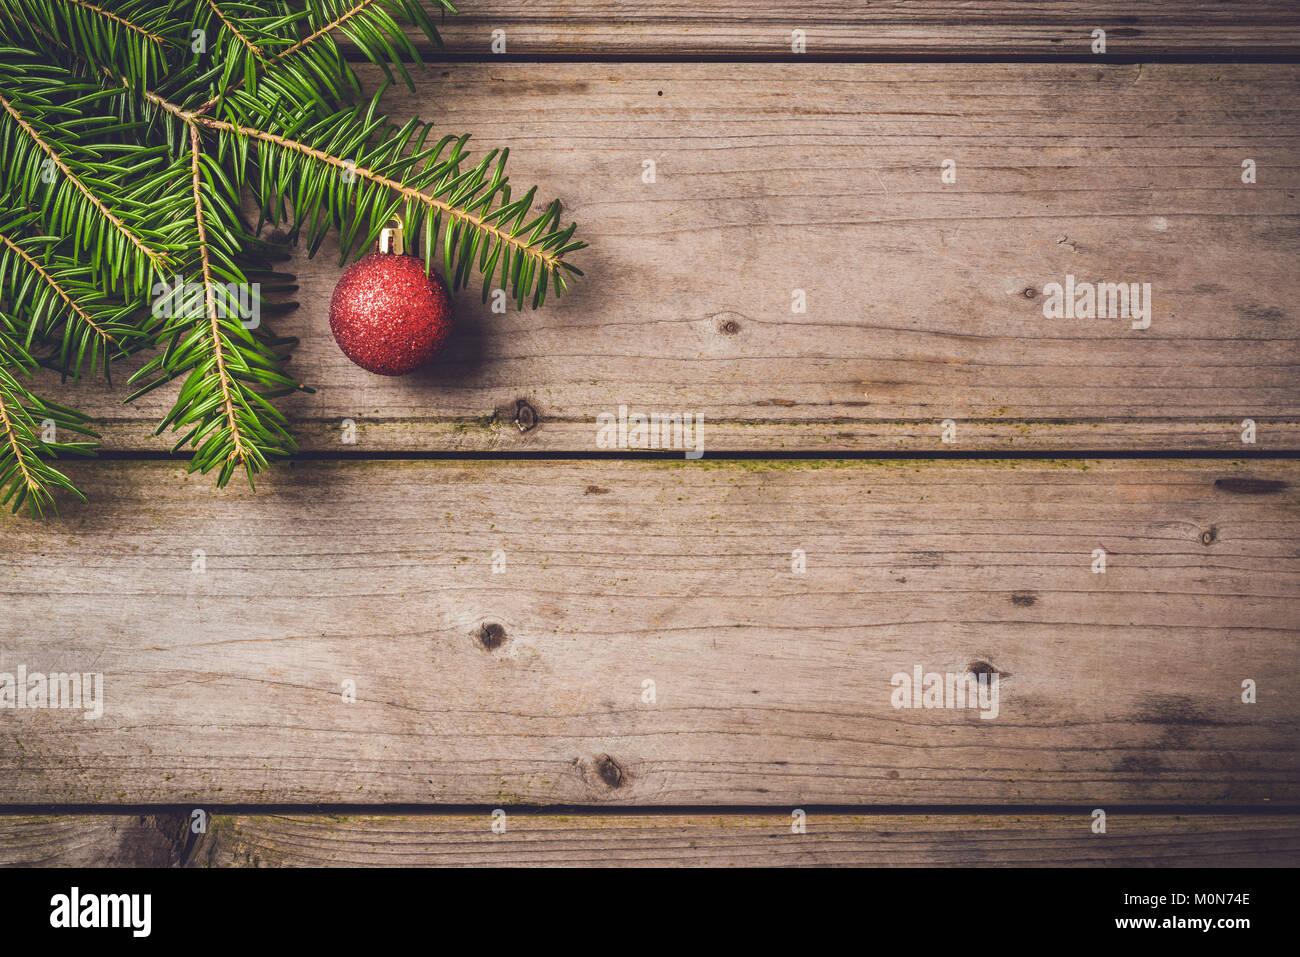 Weihnachts Tapete Stockfotos & Weihnachts Tapete Bilder - Alamy